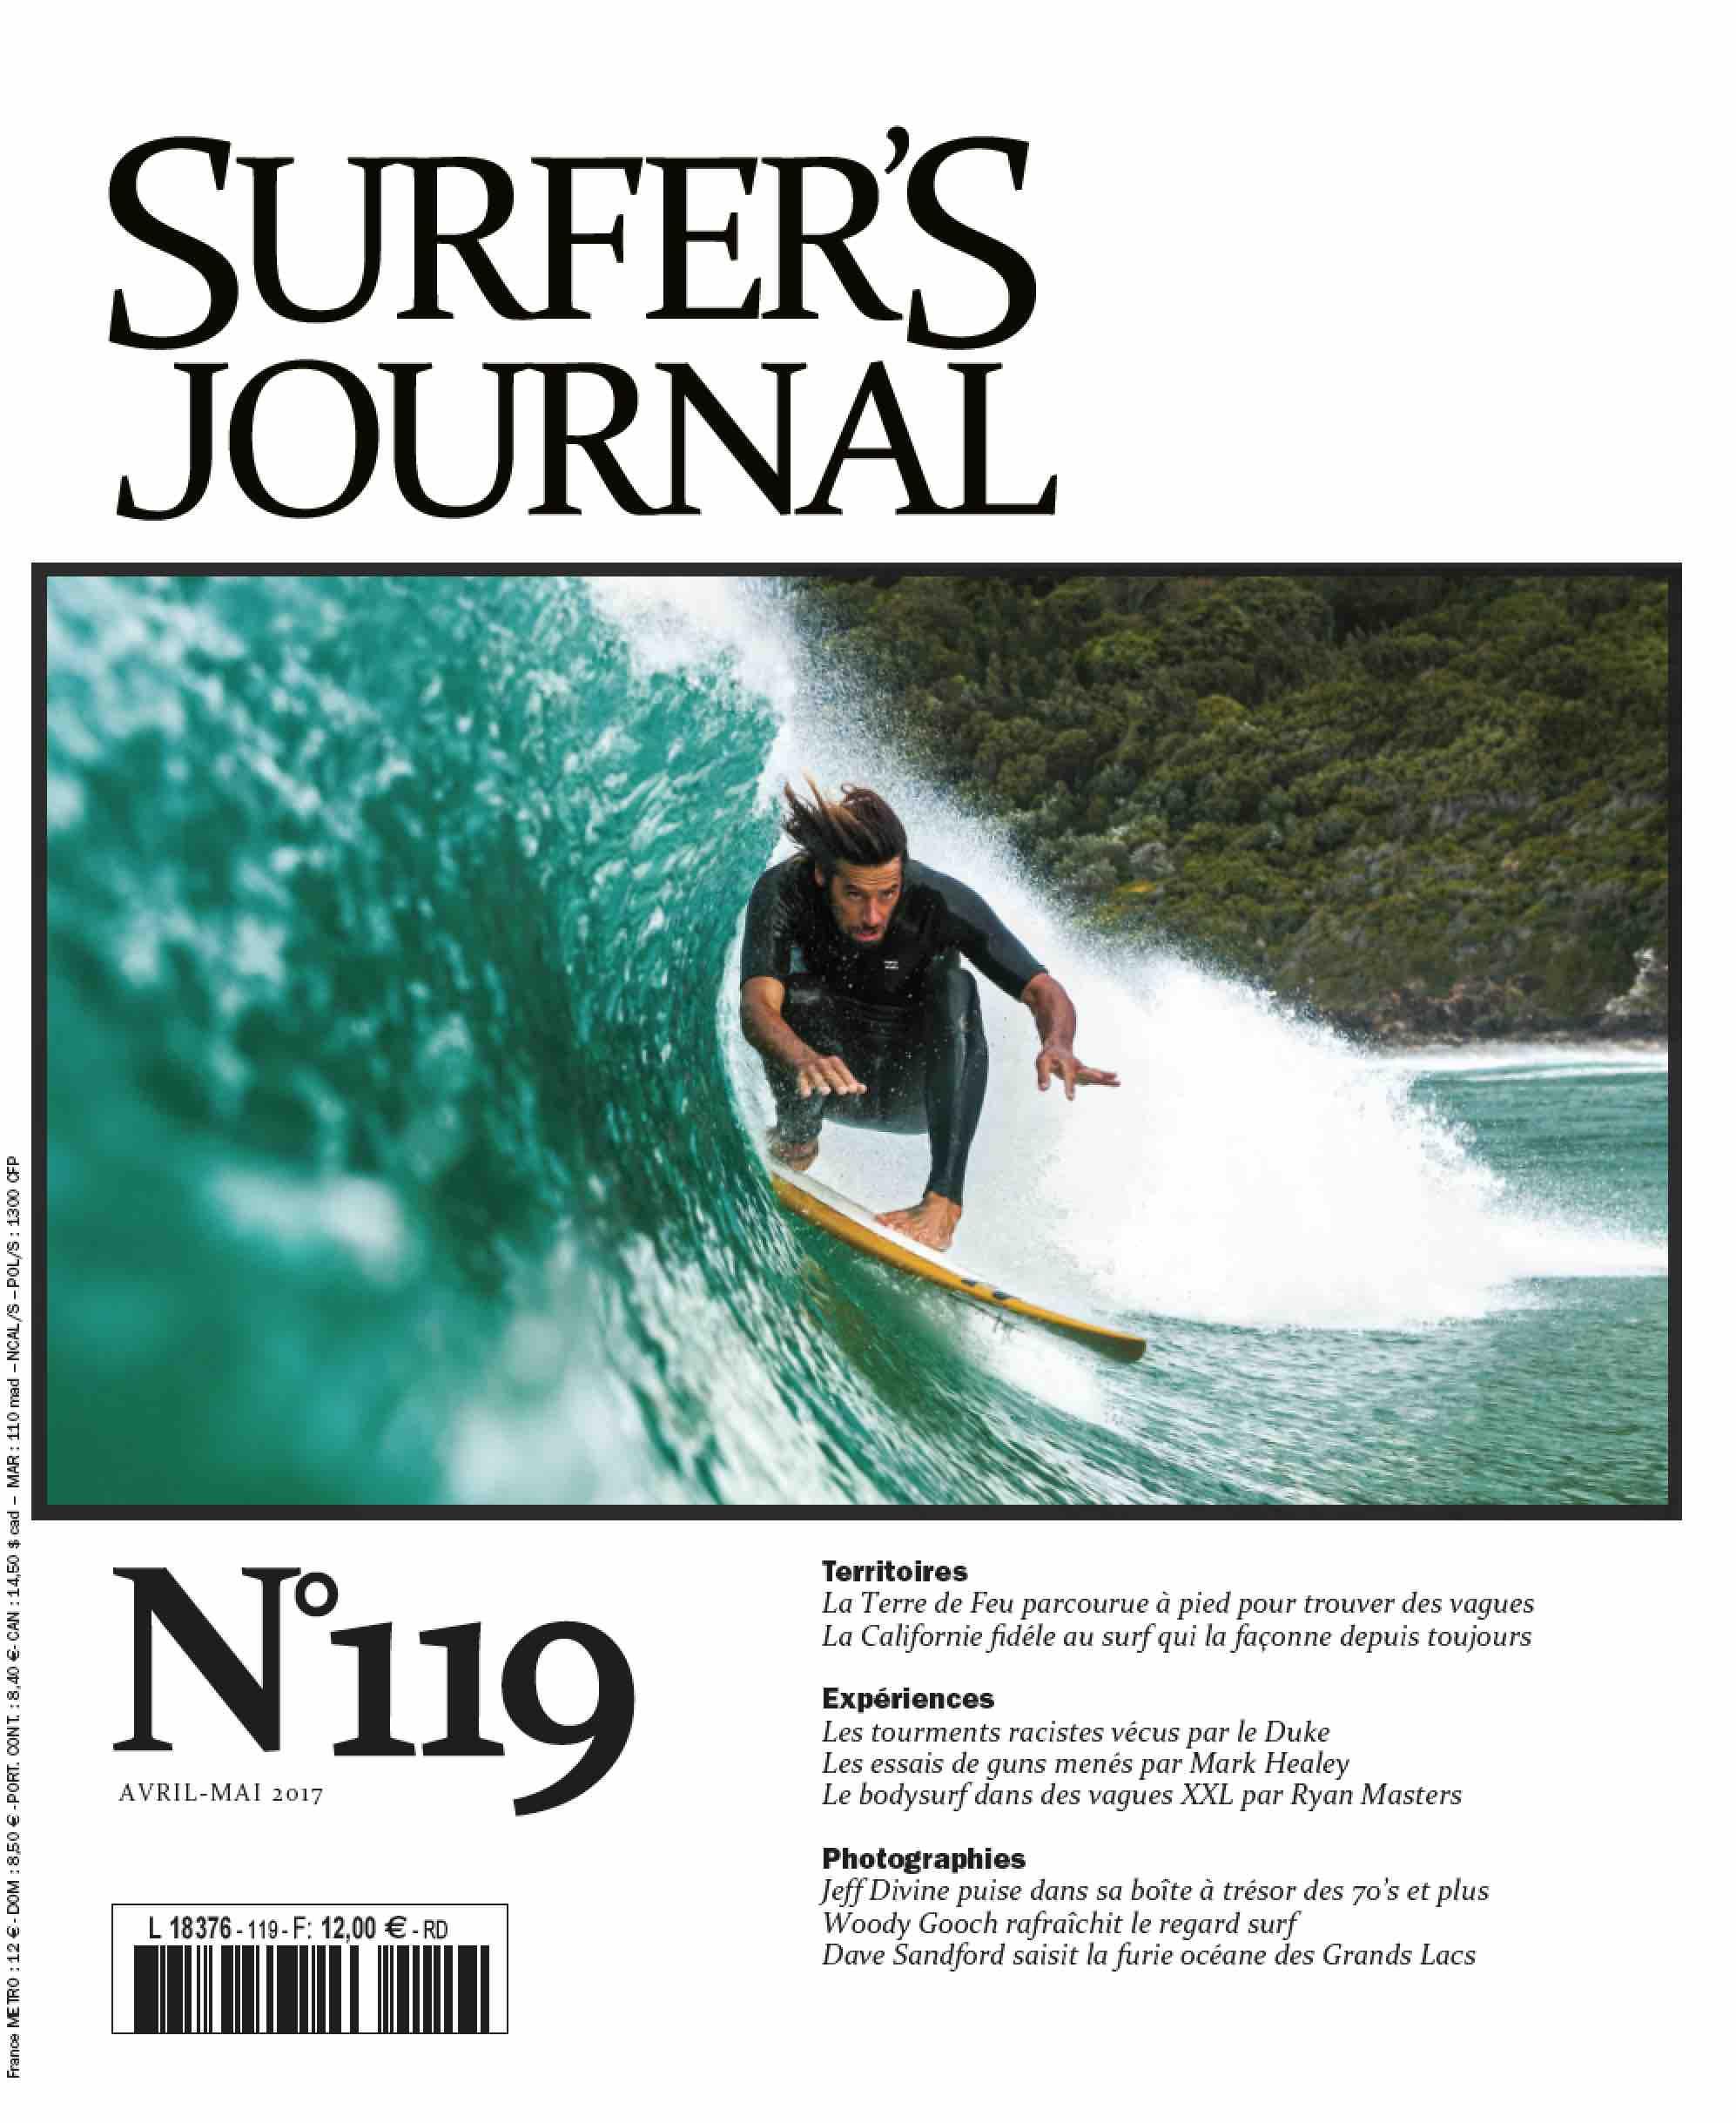 Surfer journal abonnement